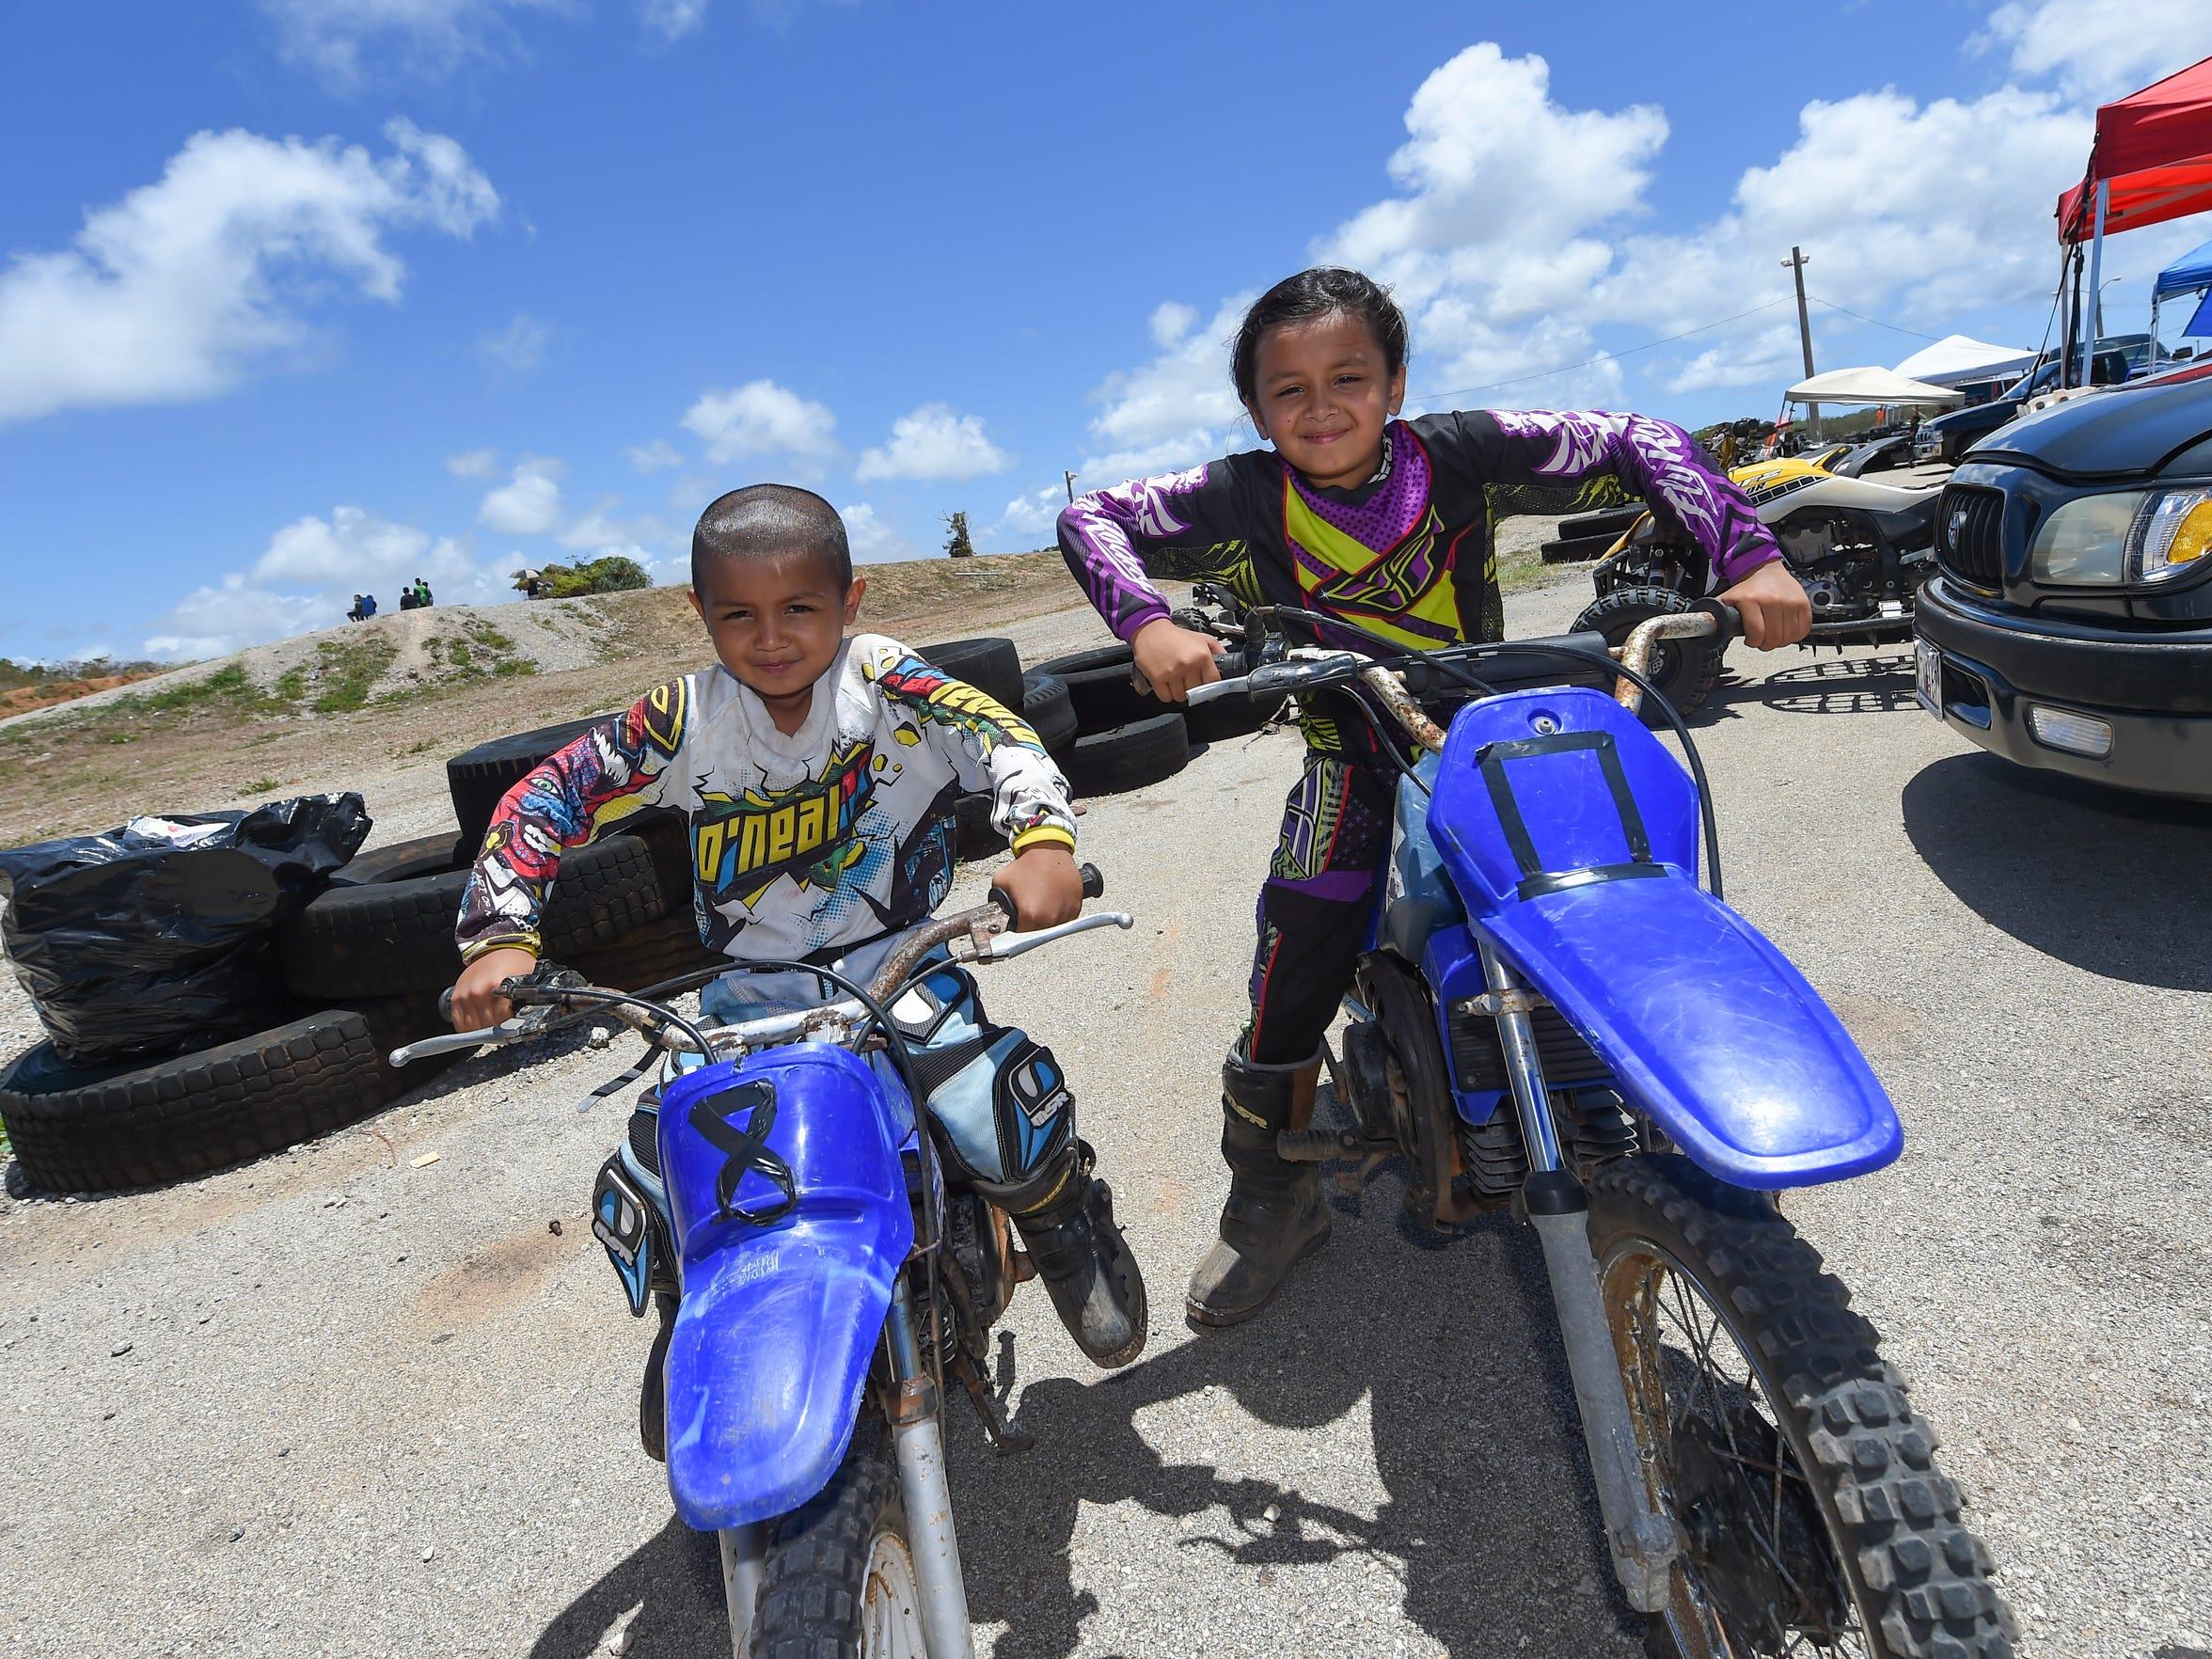 Motocross siblings Jonathan Aguon, 5, left, and his